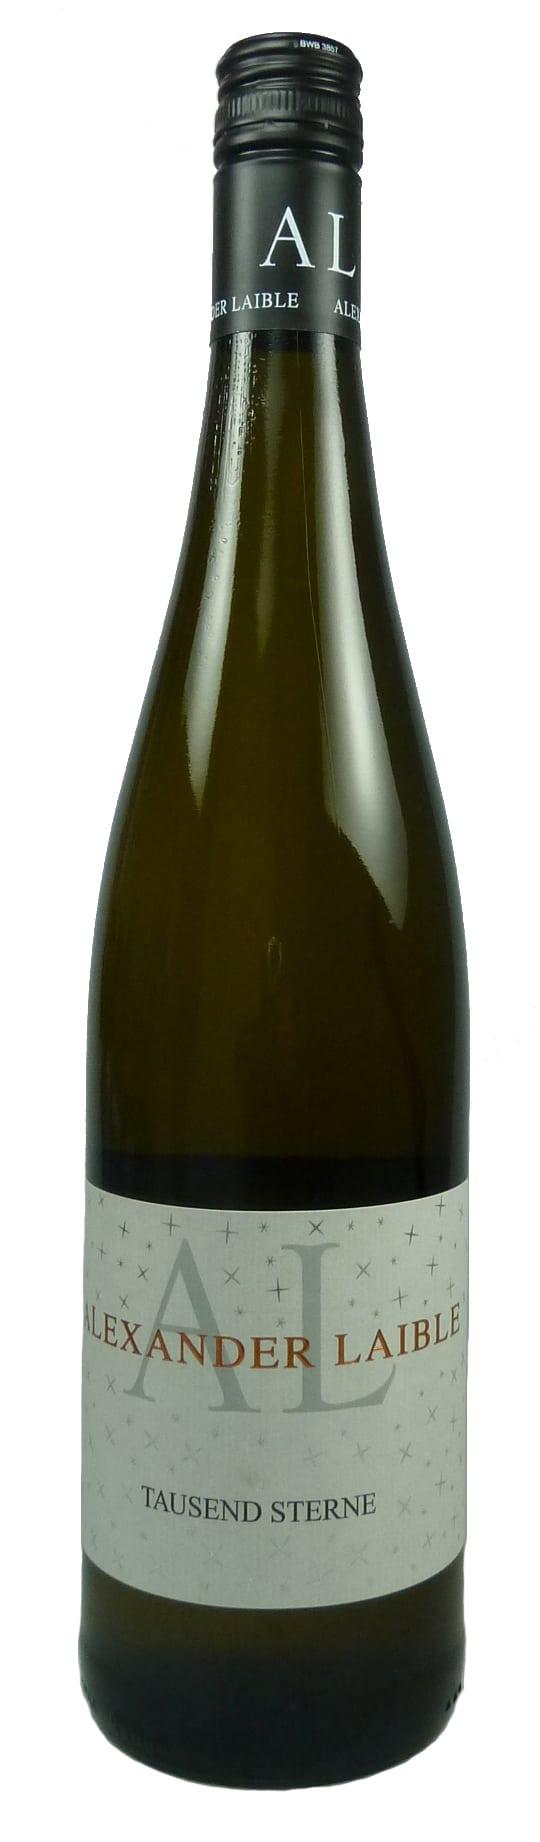 Tausend Sterne Riesling Qualitätswein trocken 2016